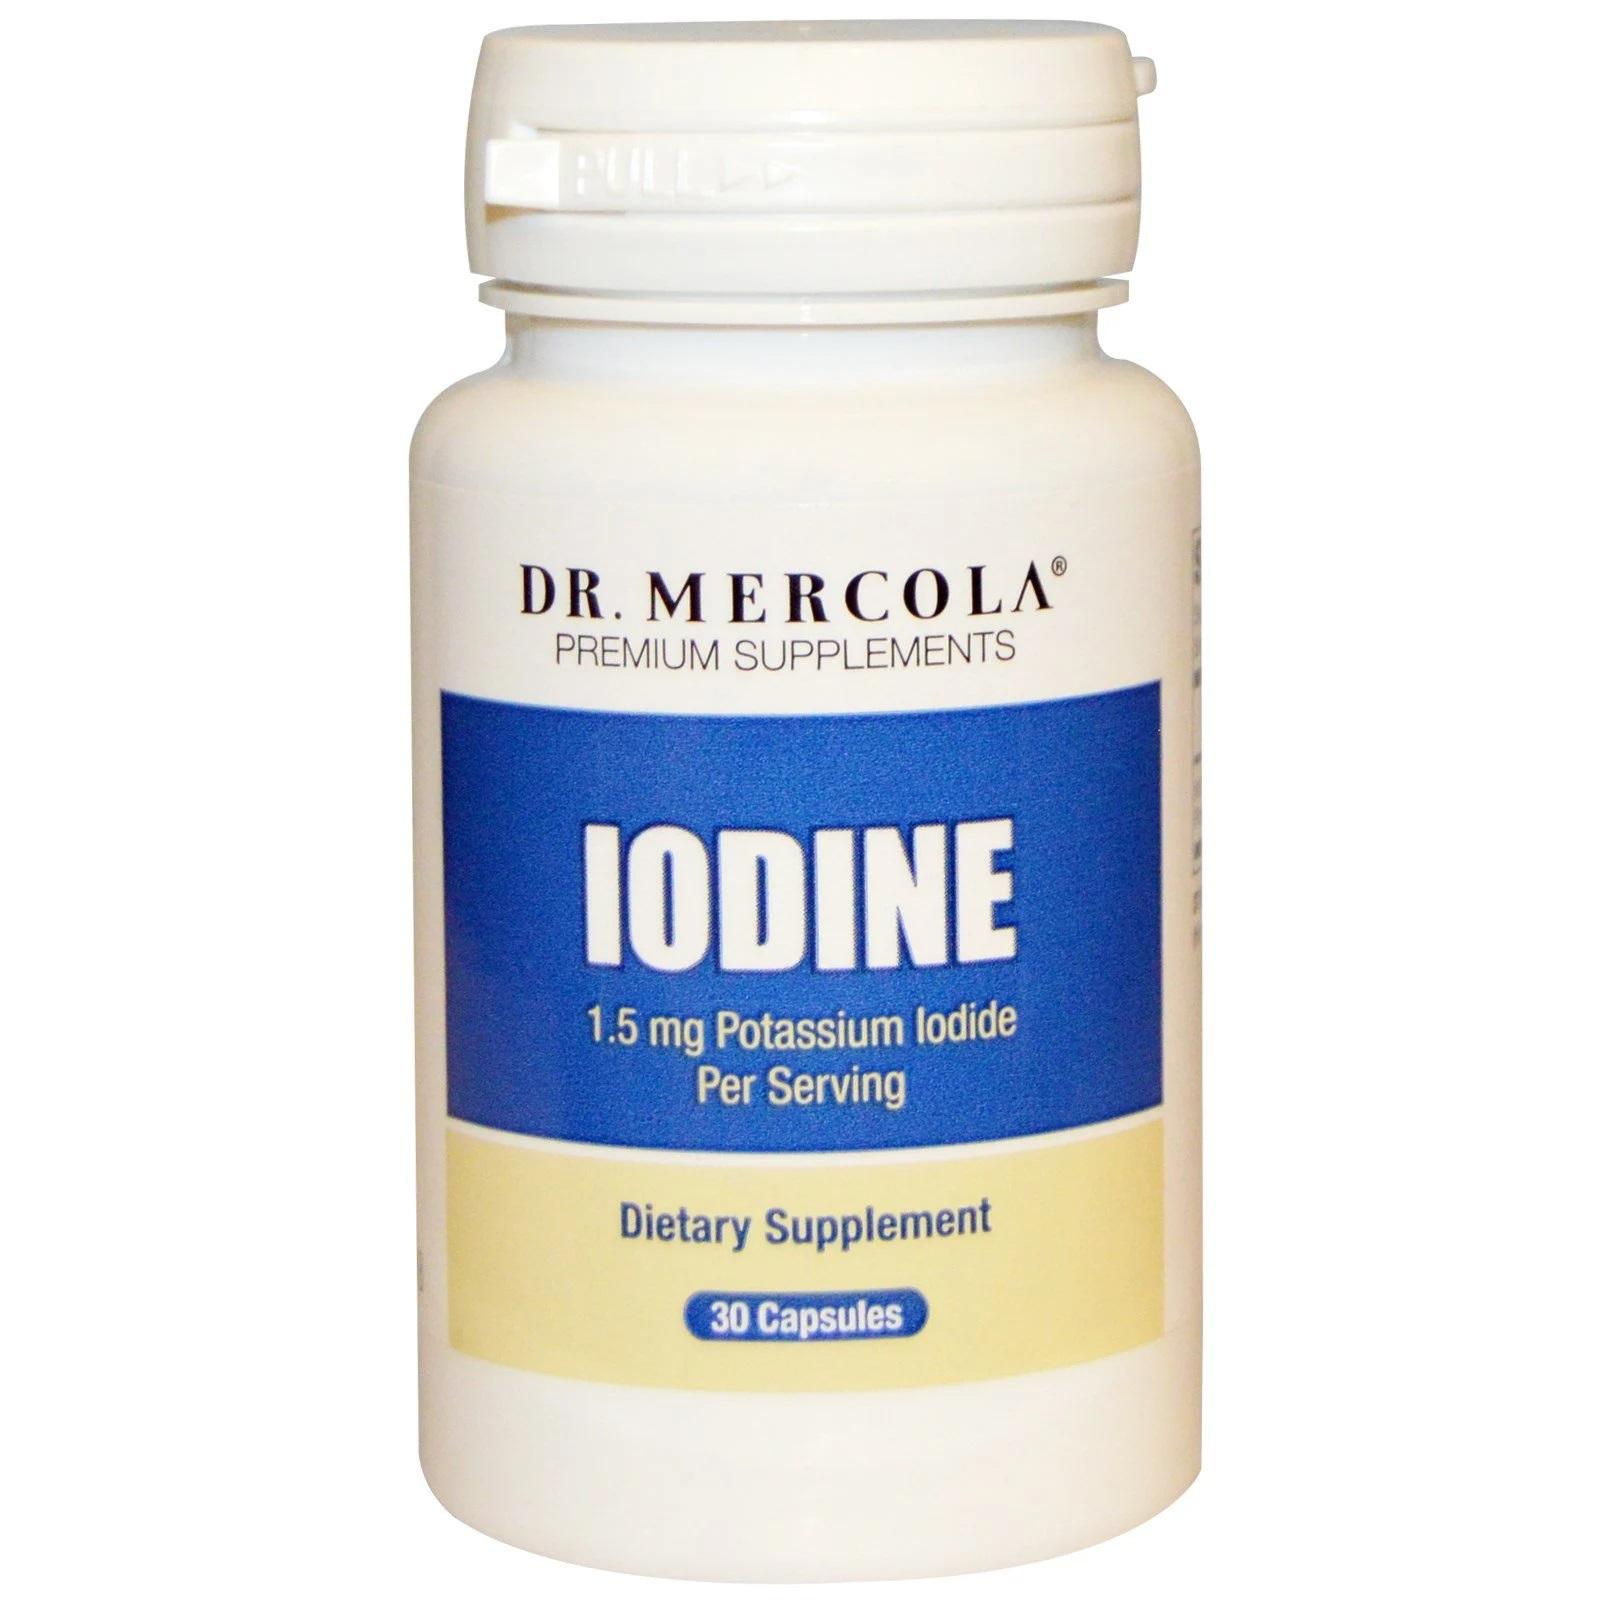 Image of Iodine (30 Capsules) - Dr. Mercola 0813006016148